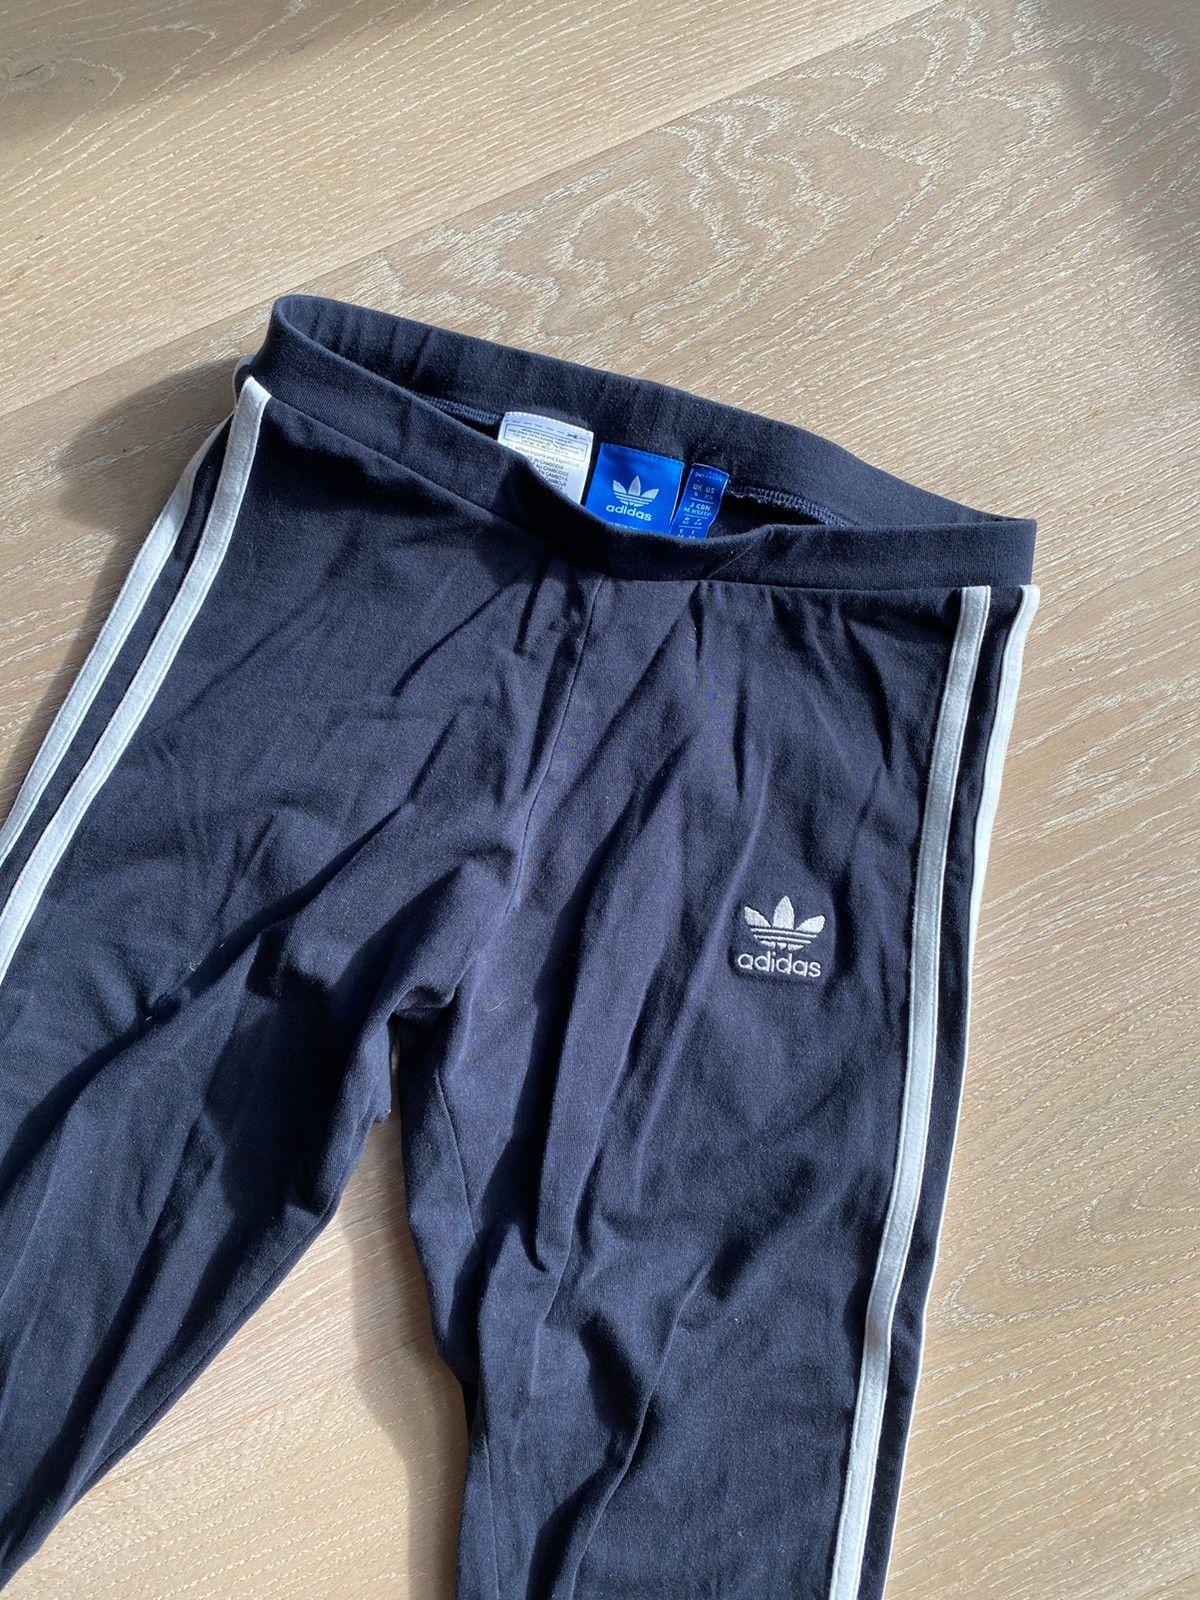 Buksetights Adidas | FINN.no